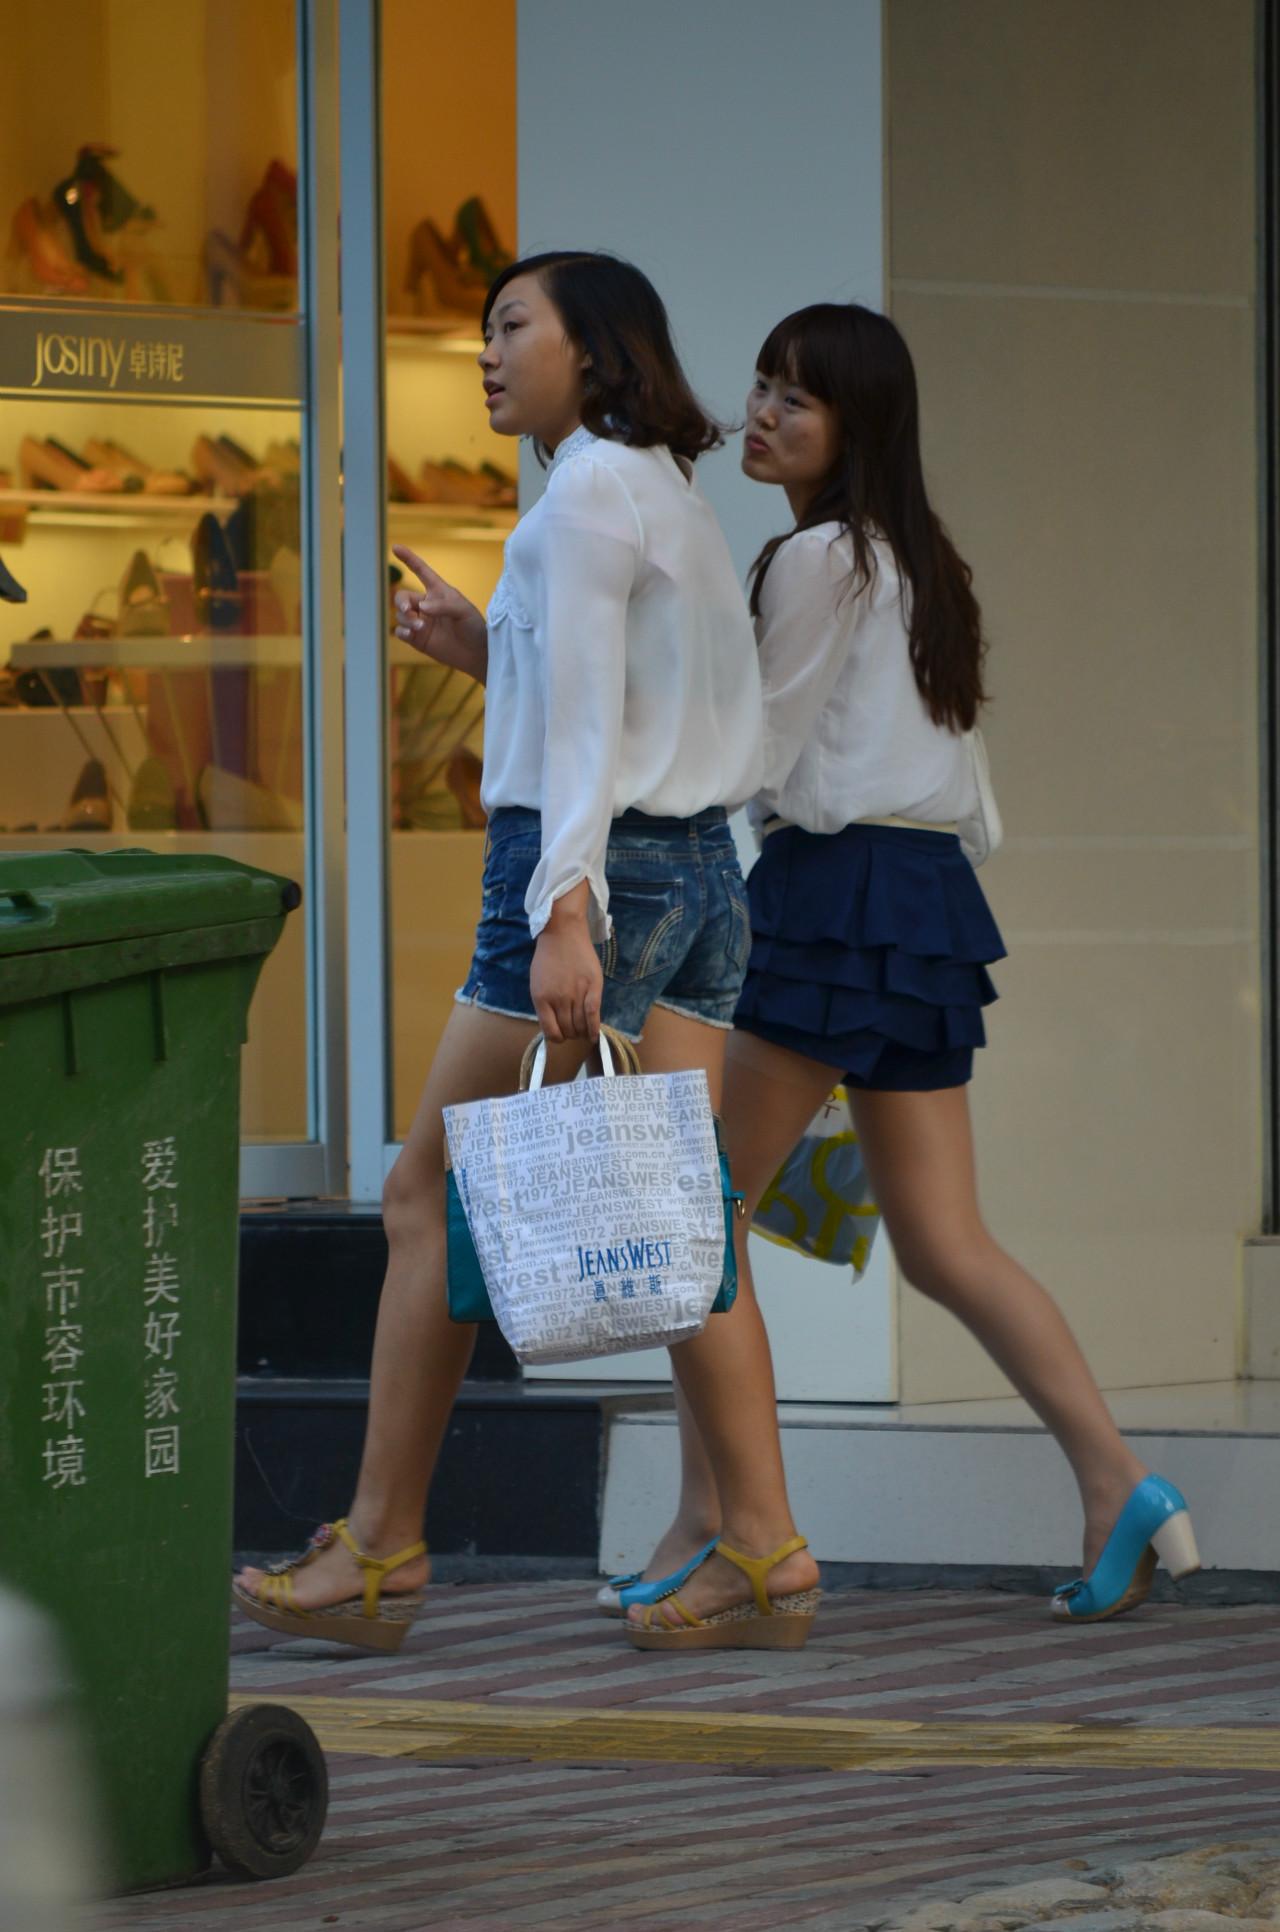 街拍白衬衫透明丝袜 5张